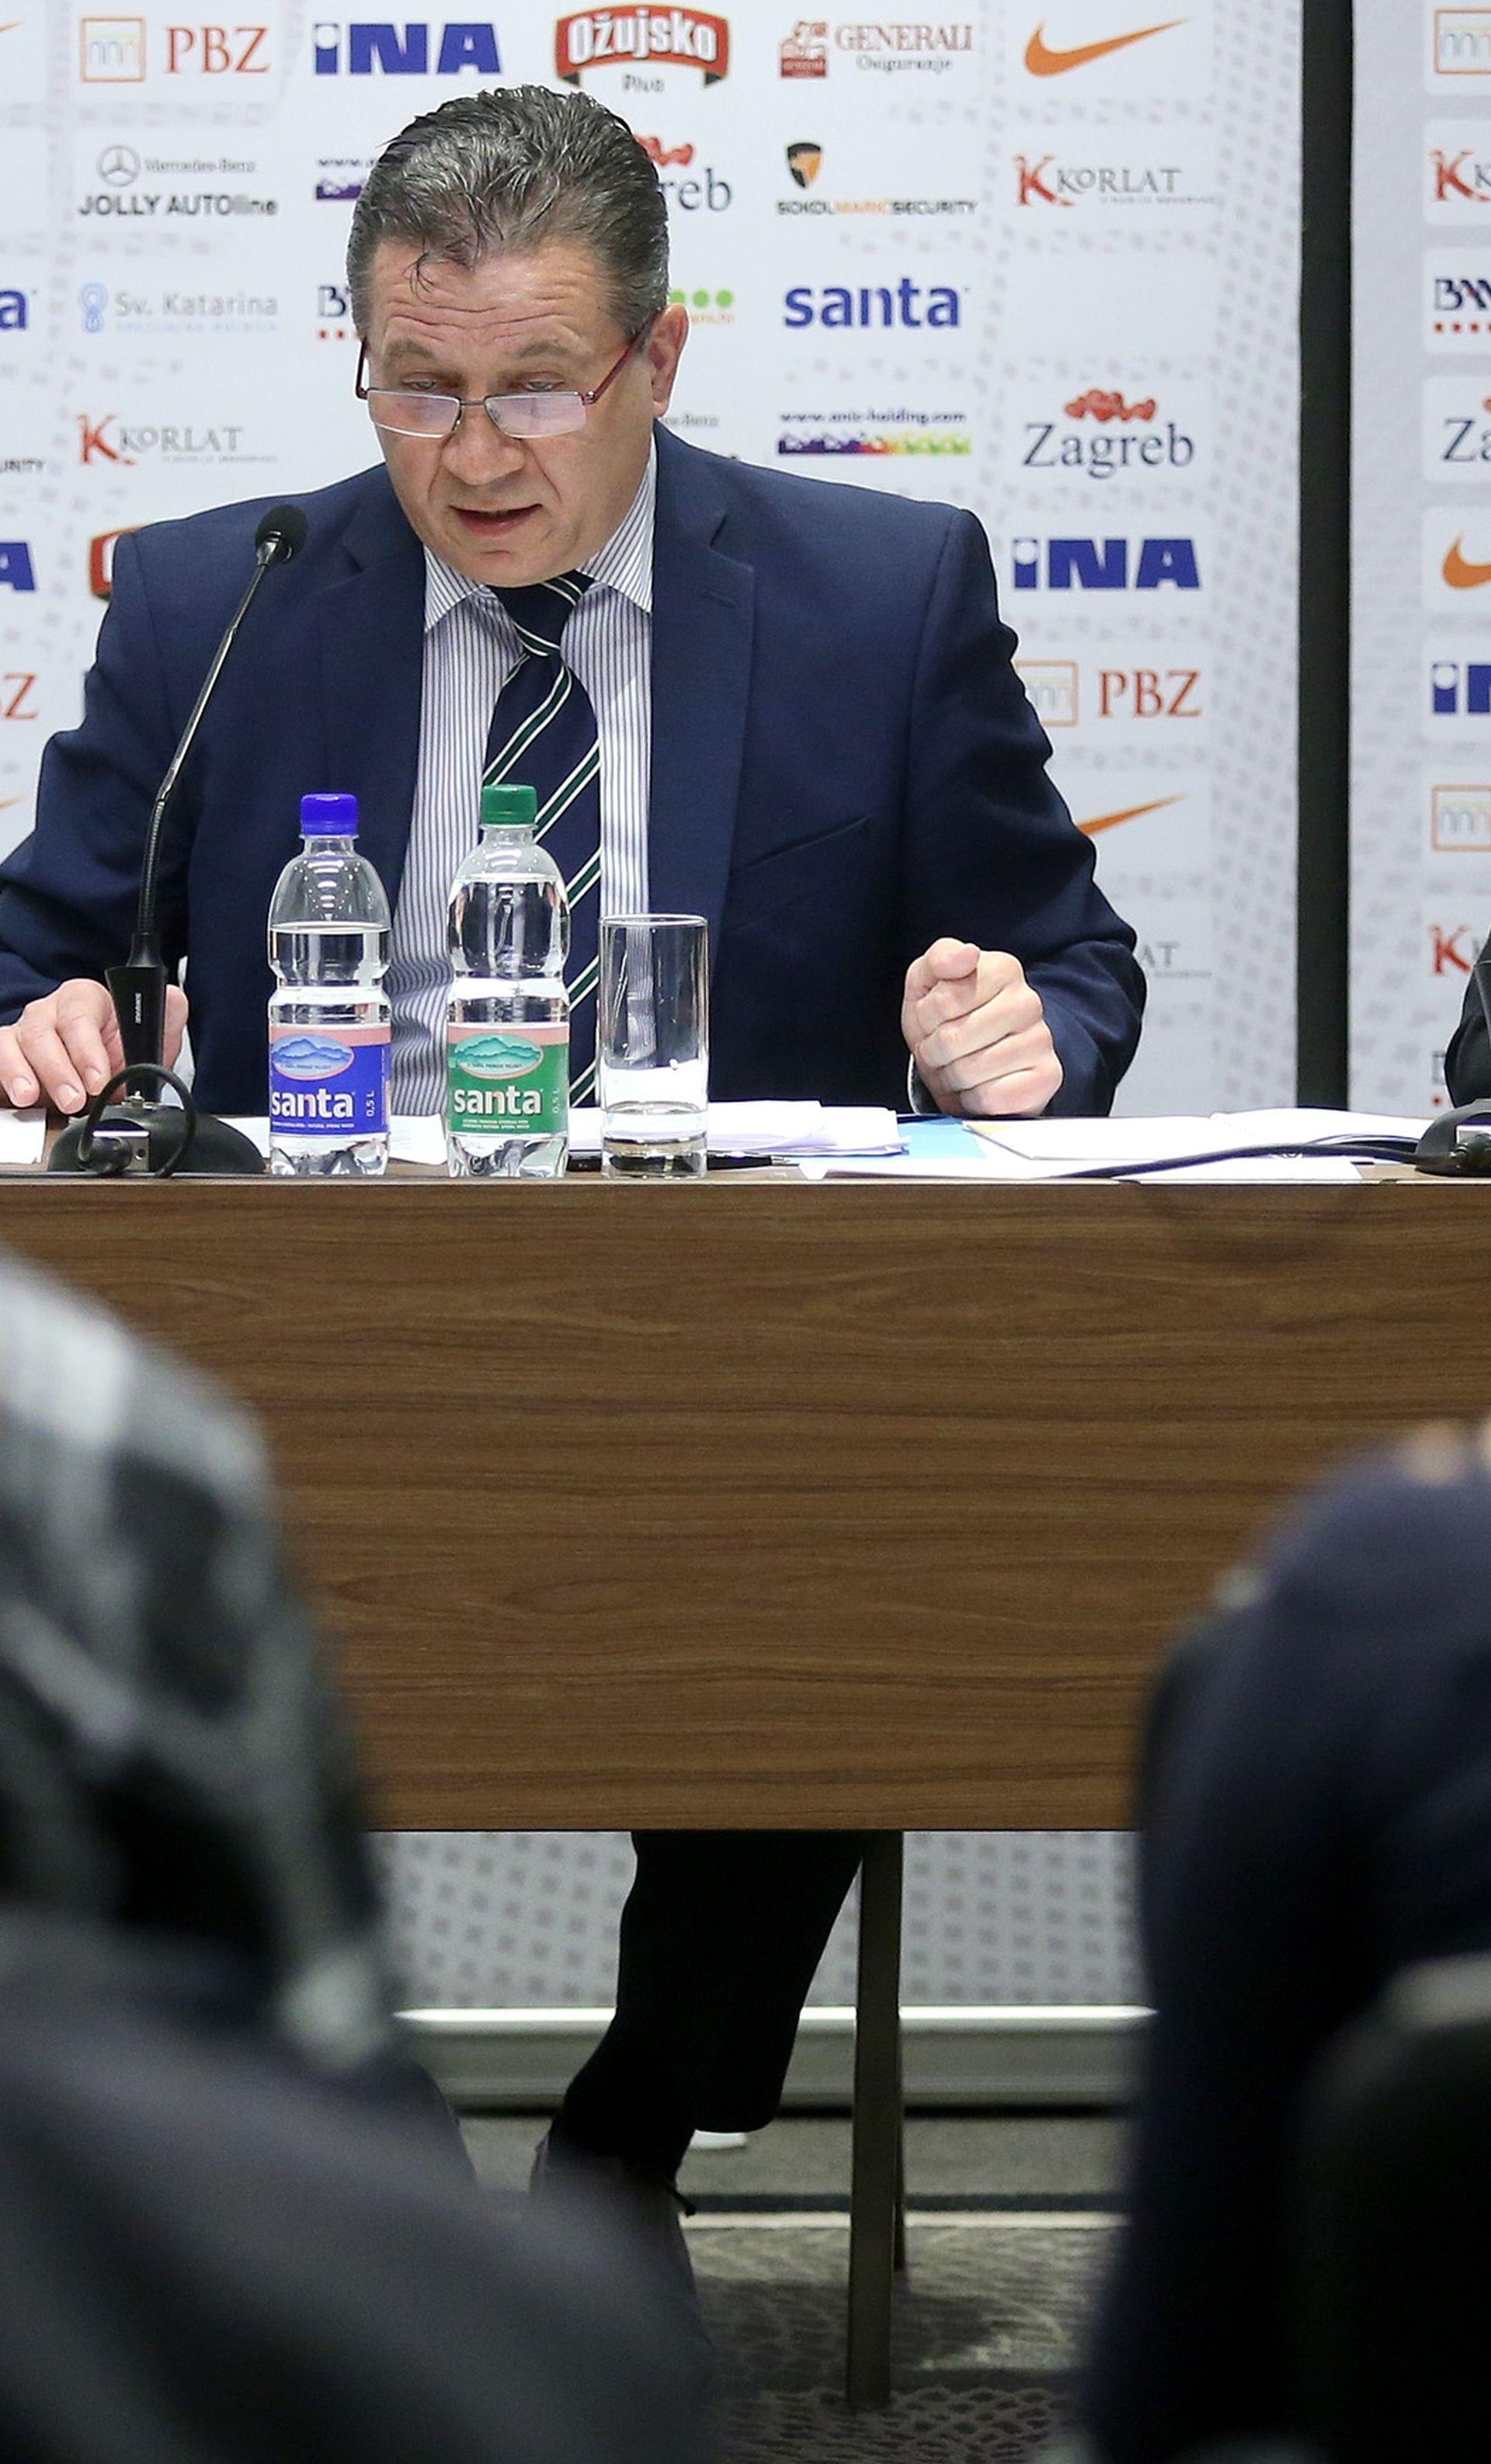 IZVRŠNI DIREKTOR HNS-a: 'Zabrinuti smo što postoje glasine o novim neredima'